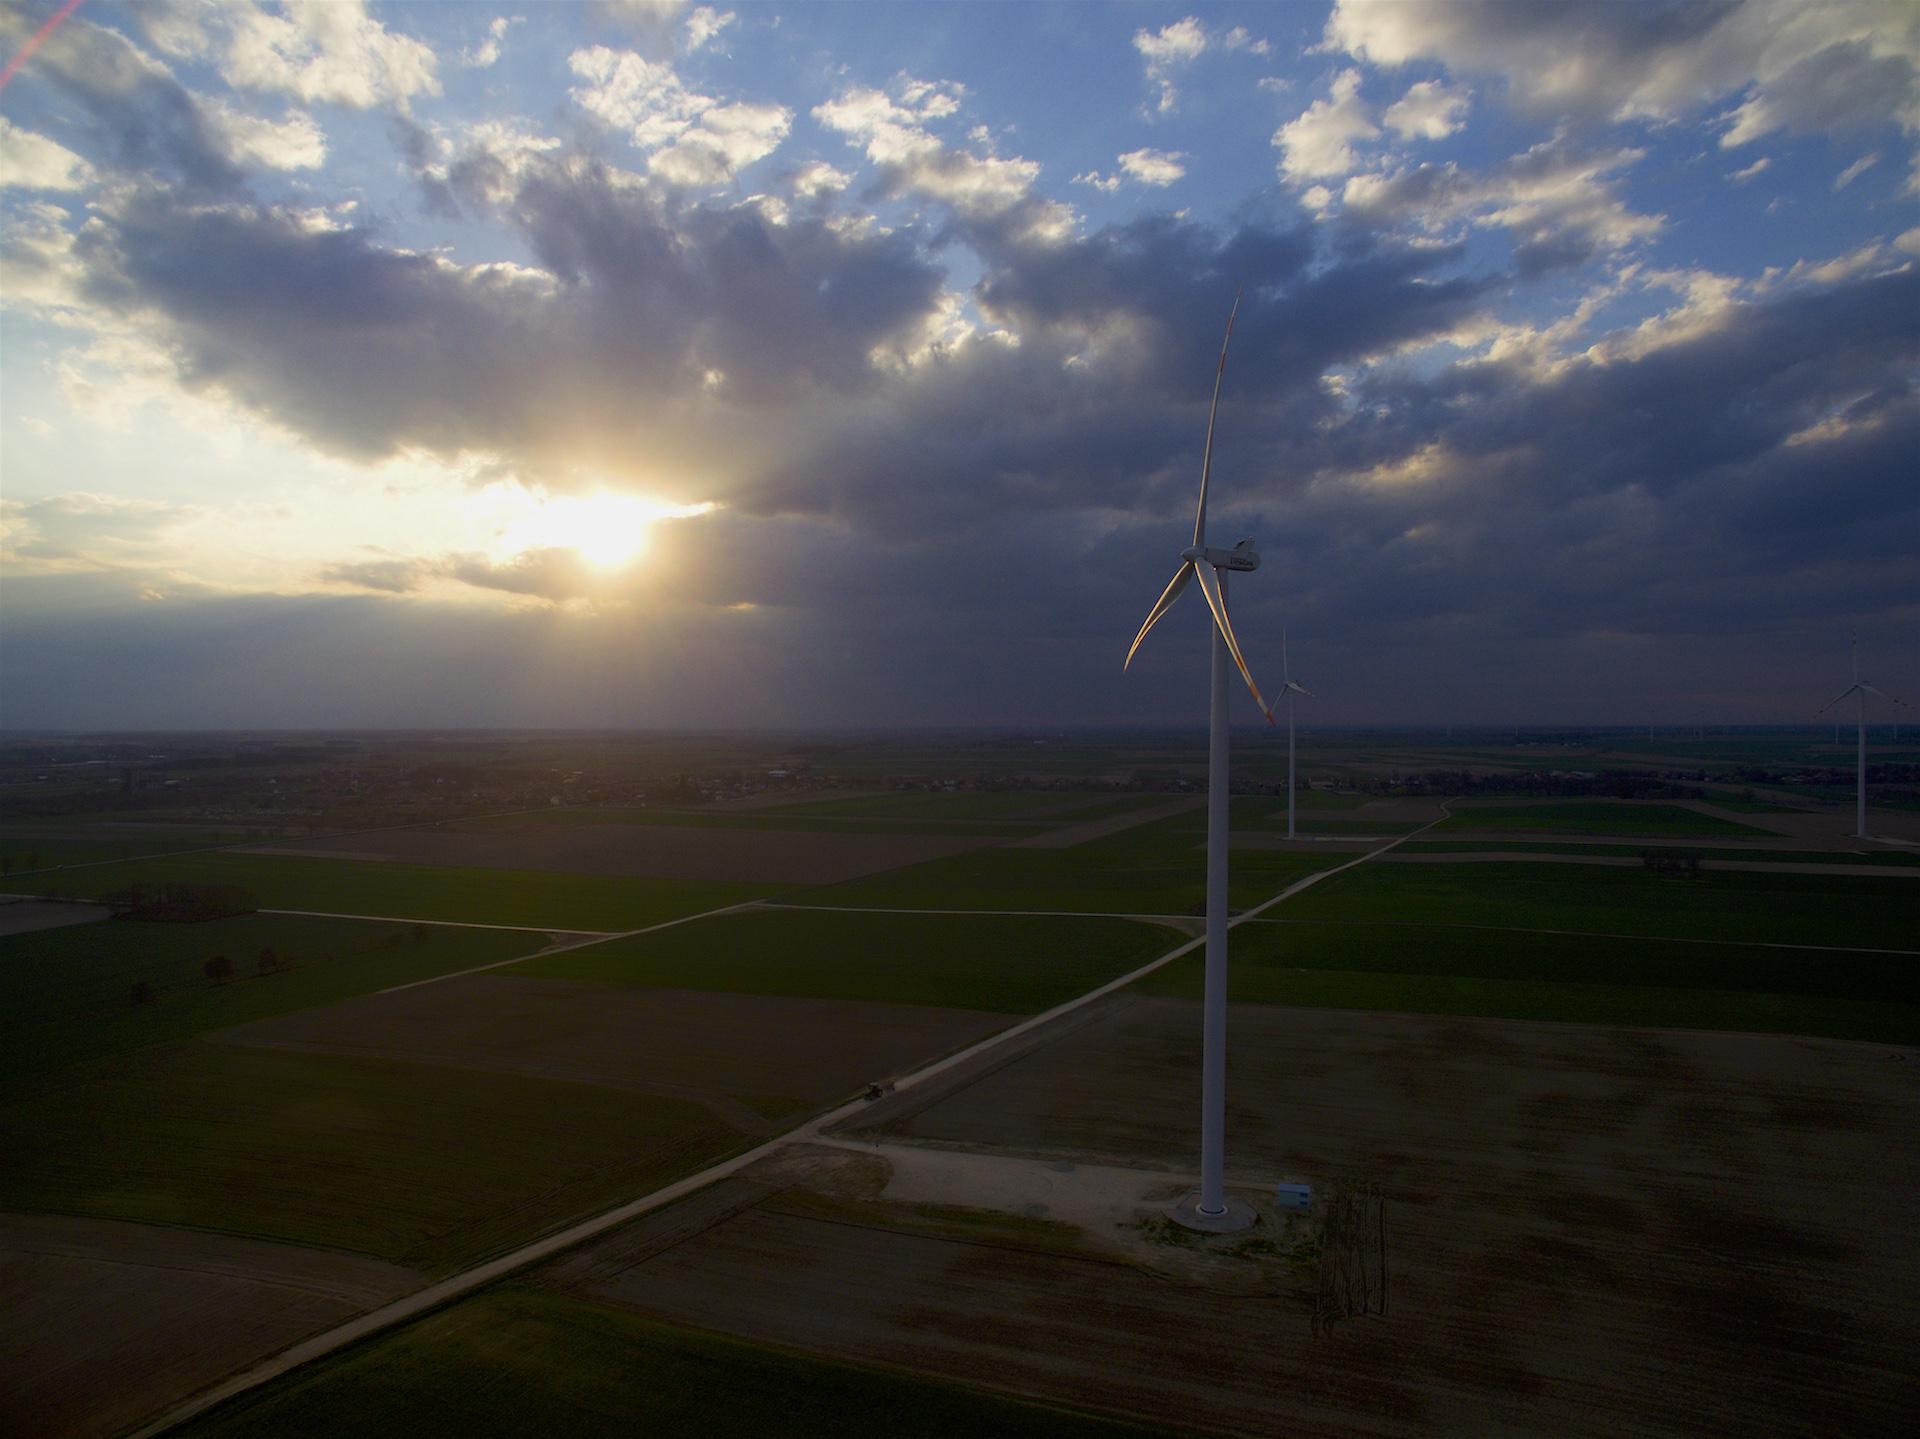 Namysłów - wiatraki - zdjęcie lotnicze